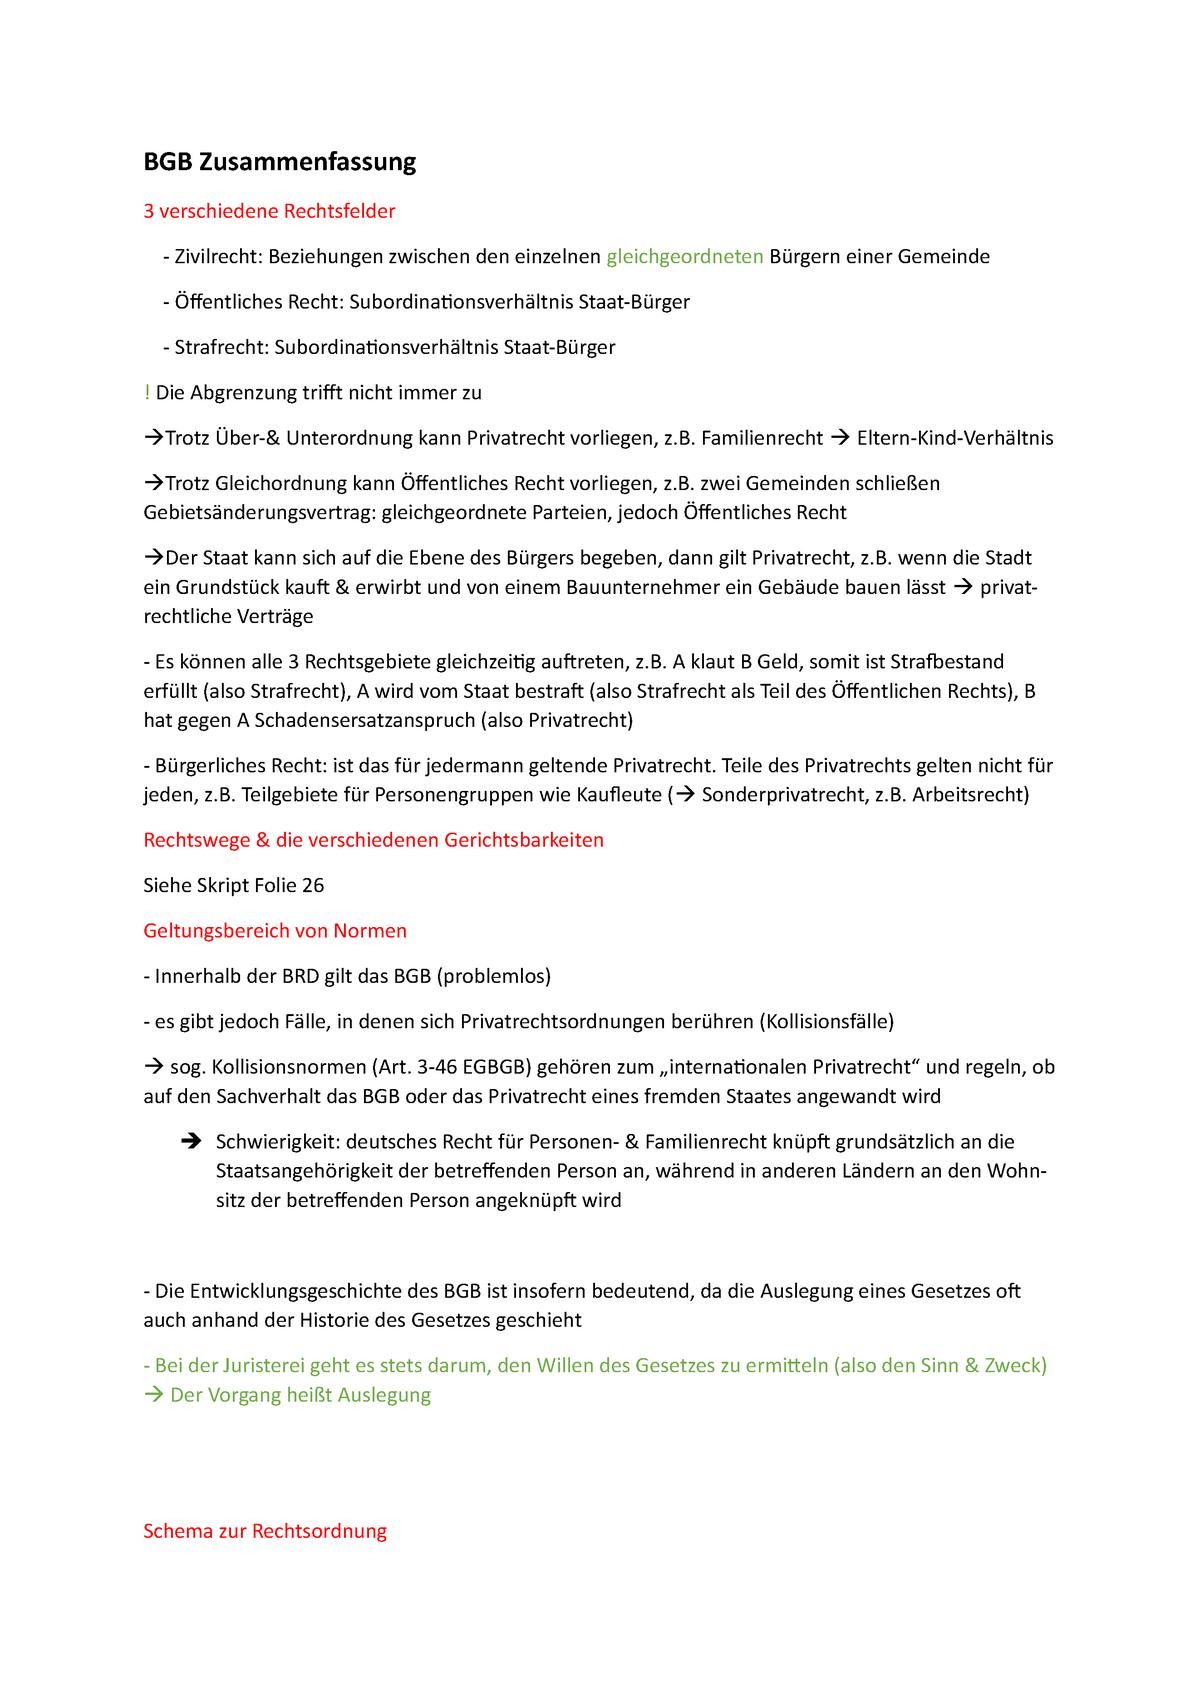 Zusammenfassung Bürgerliches Recht   BGB Zusammenfassung 20 ...